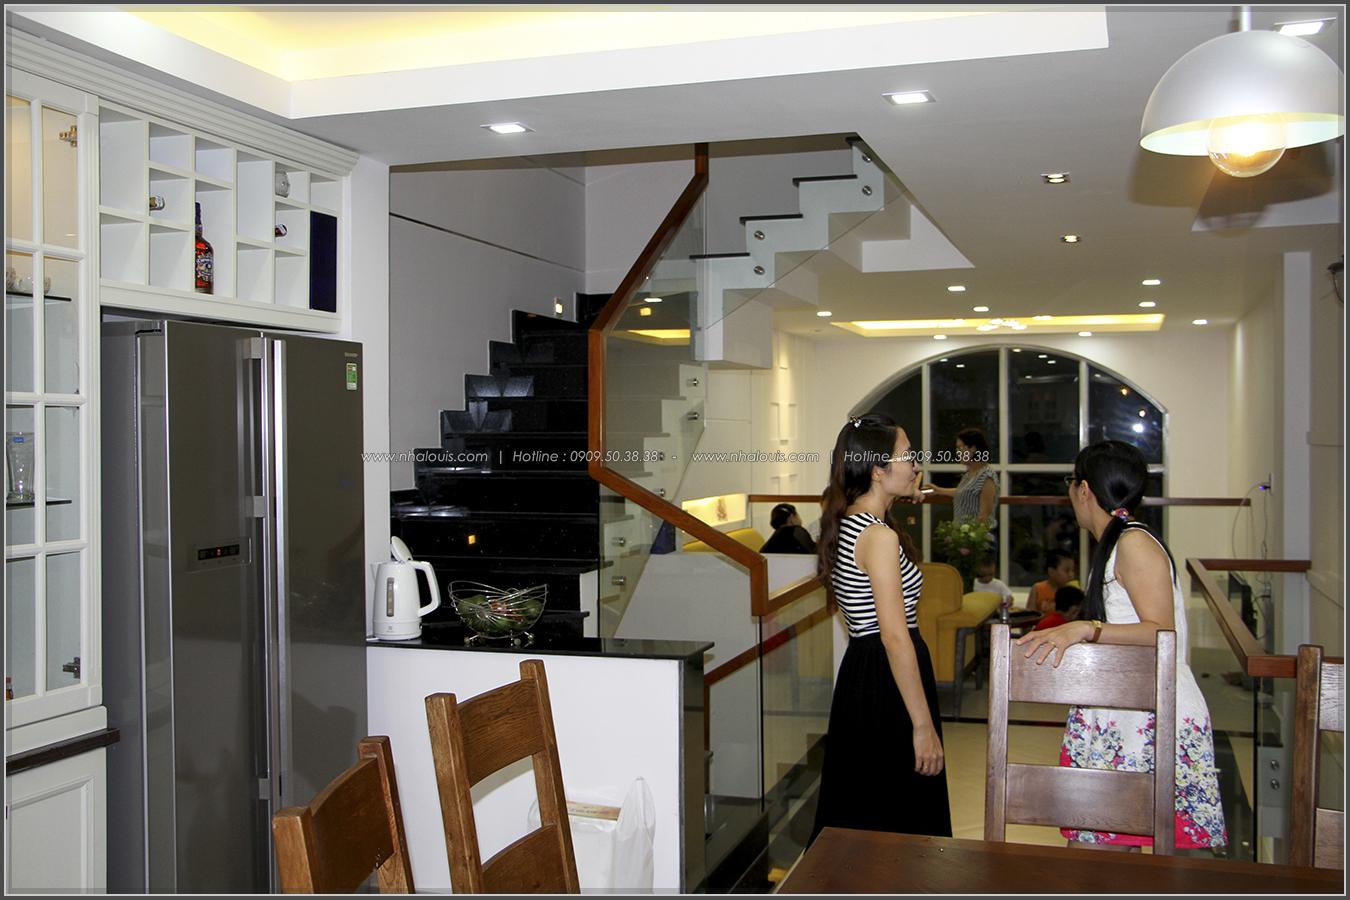 Thi công nhà phố tân cổ điển mang vẻ đẹp hiện đại tại Quận Tân Phú - 05